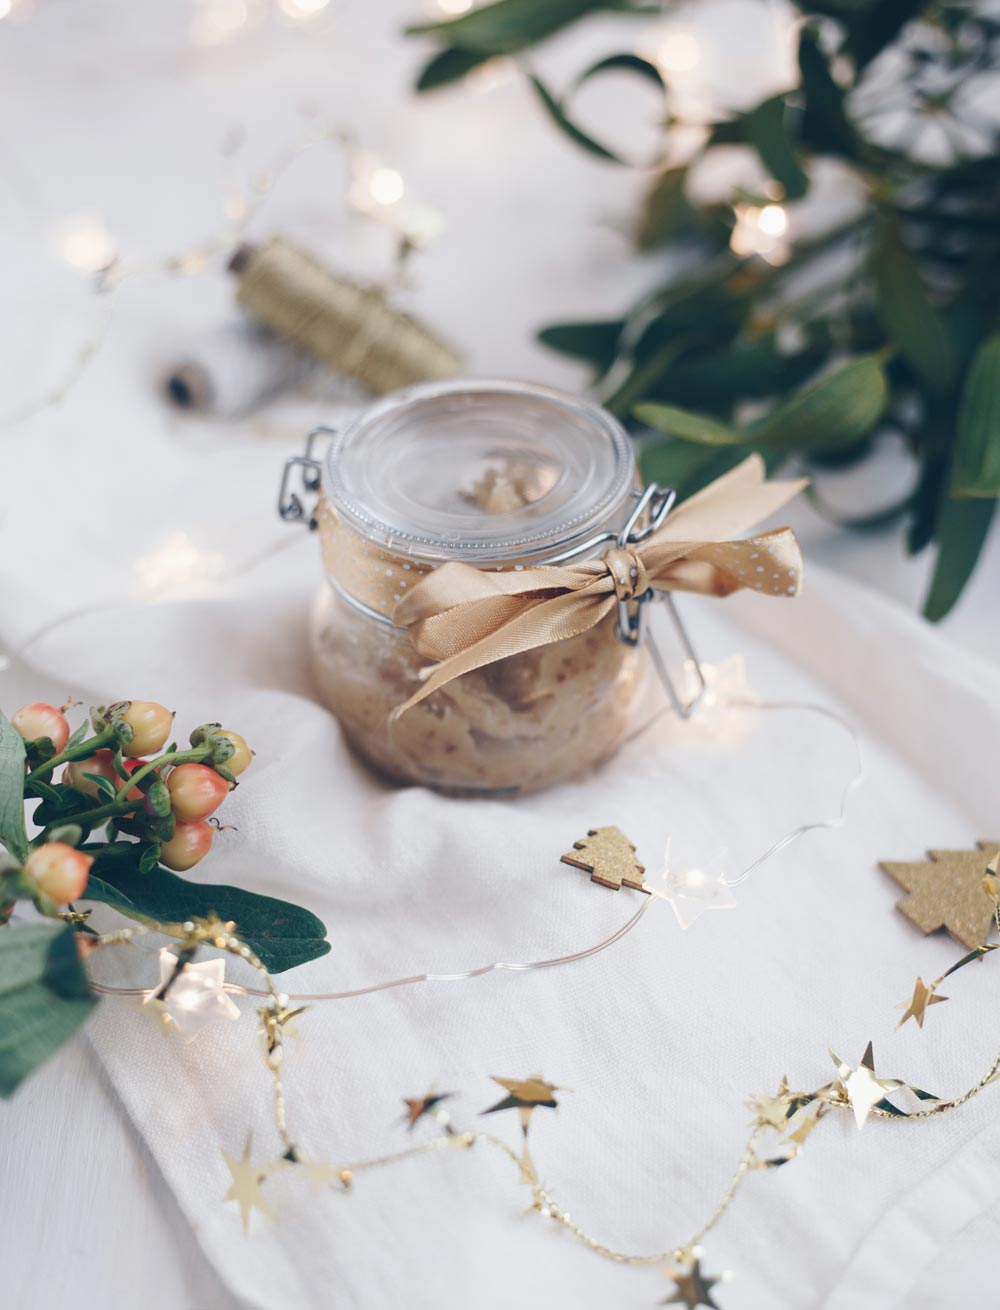 Marzipanaufstrich mit Datteln und Zimt - Geschenk aus der Küche - lecker zum Weihnachtsfrühstück